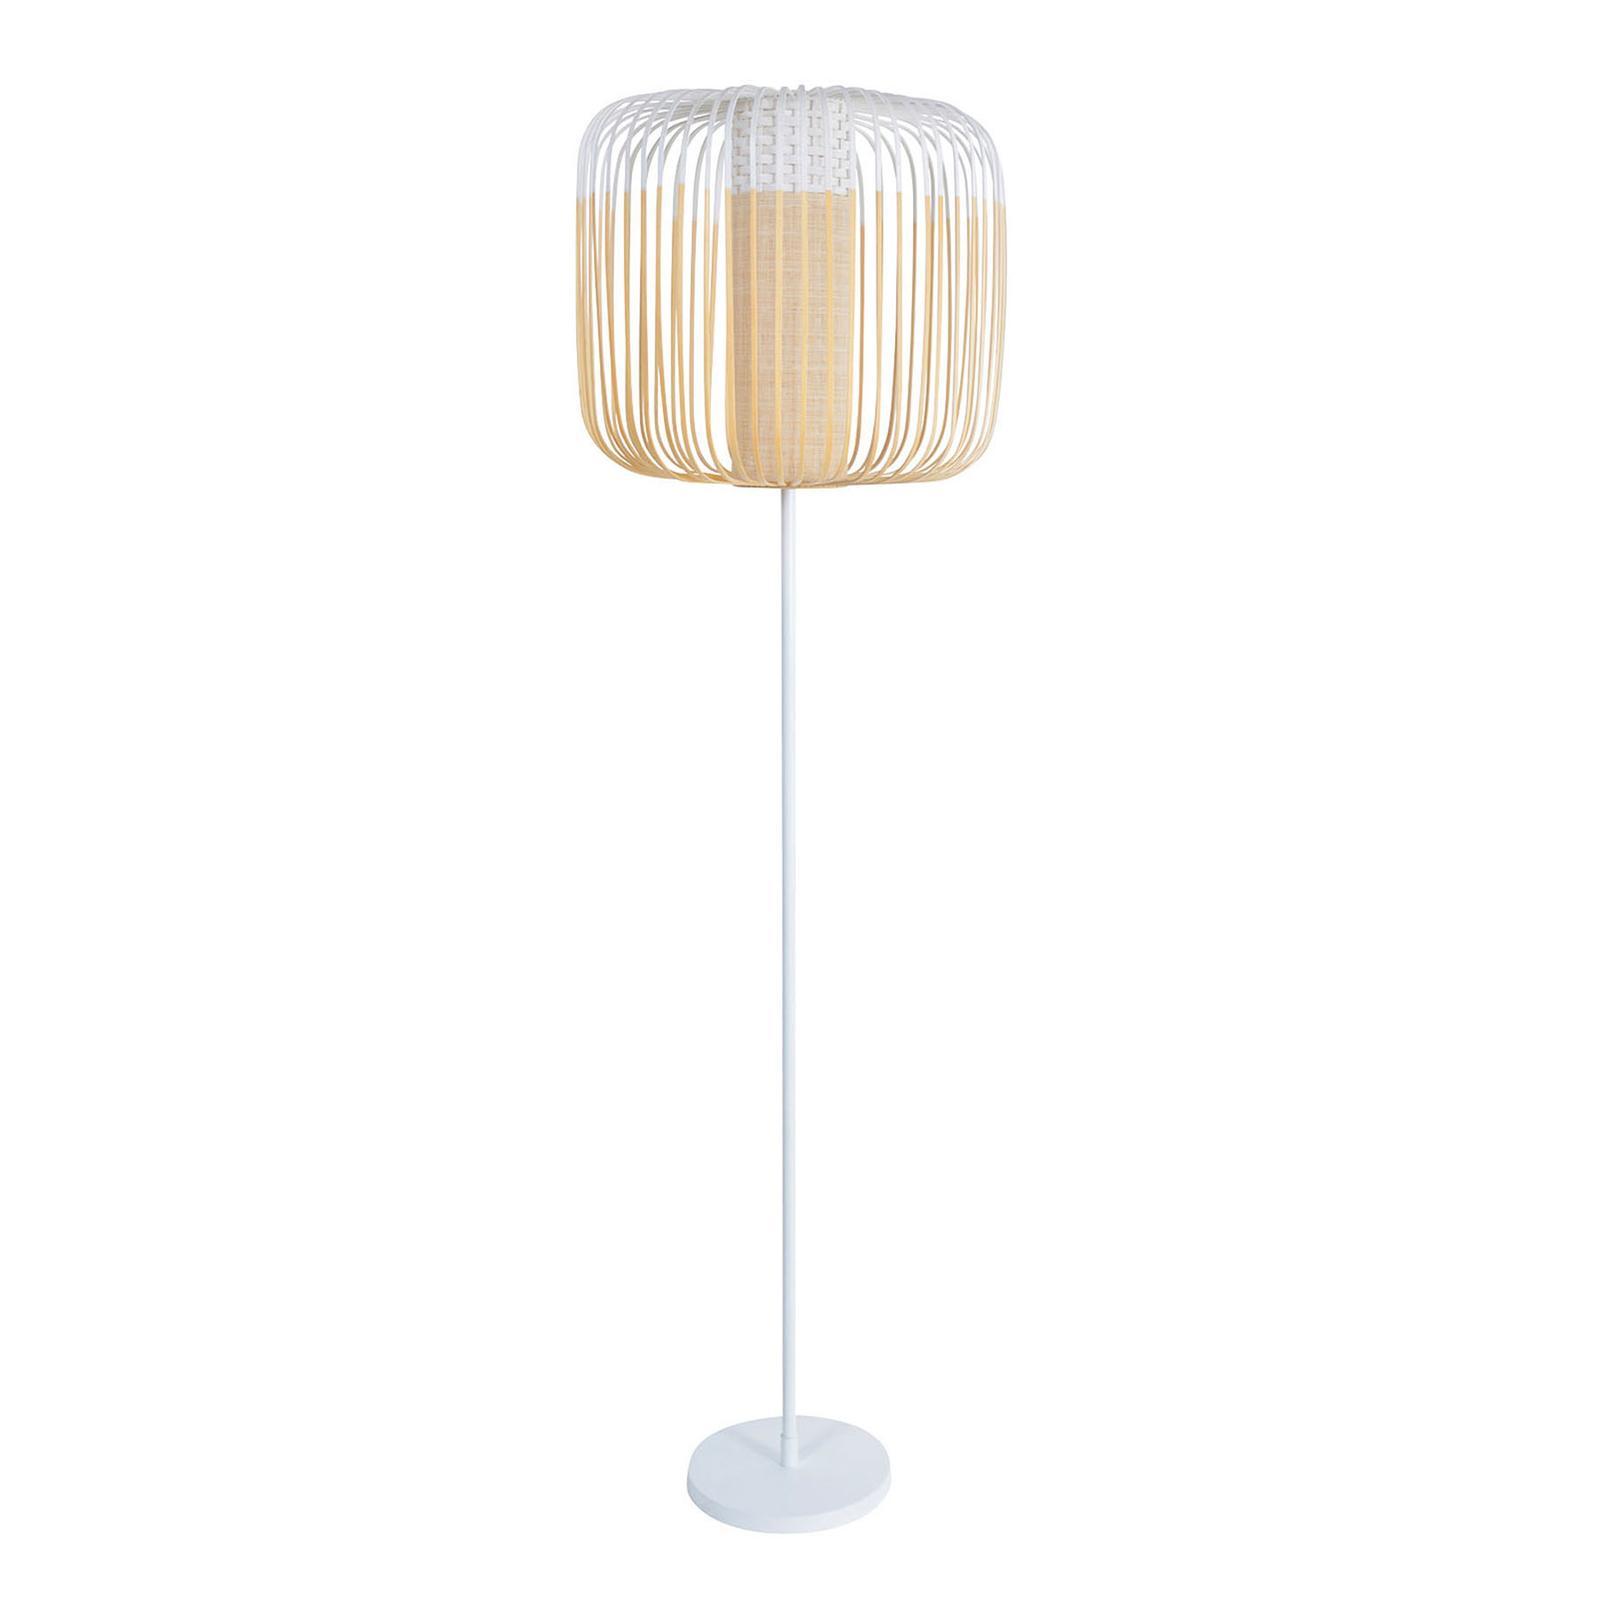 Forestier Bamboo Light vloerlamp 1-lamp wit